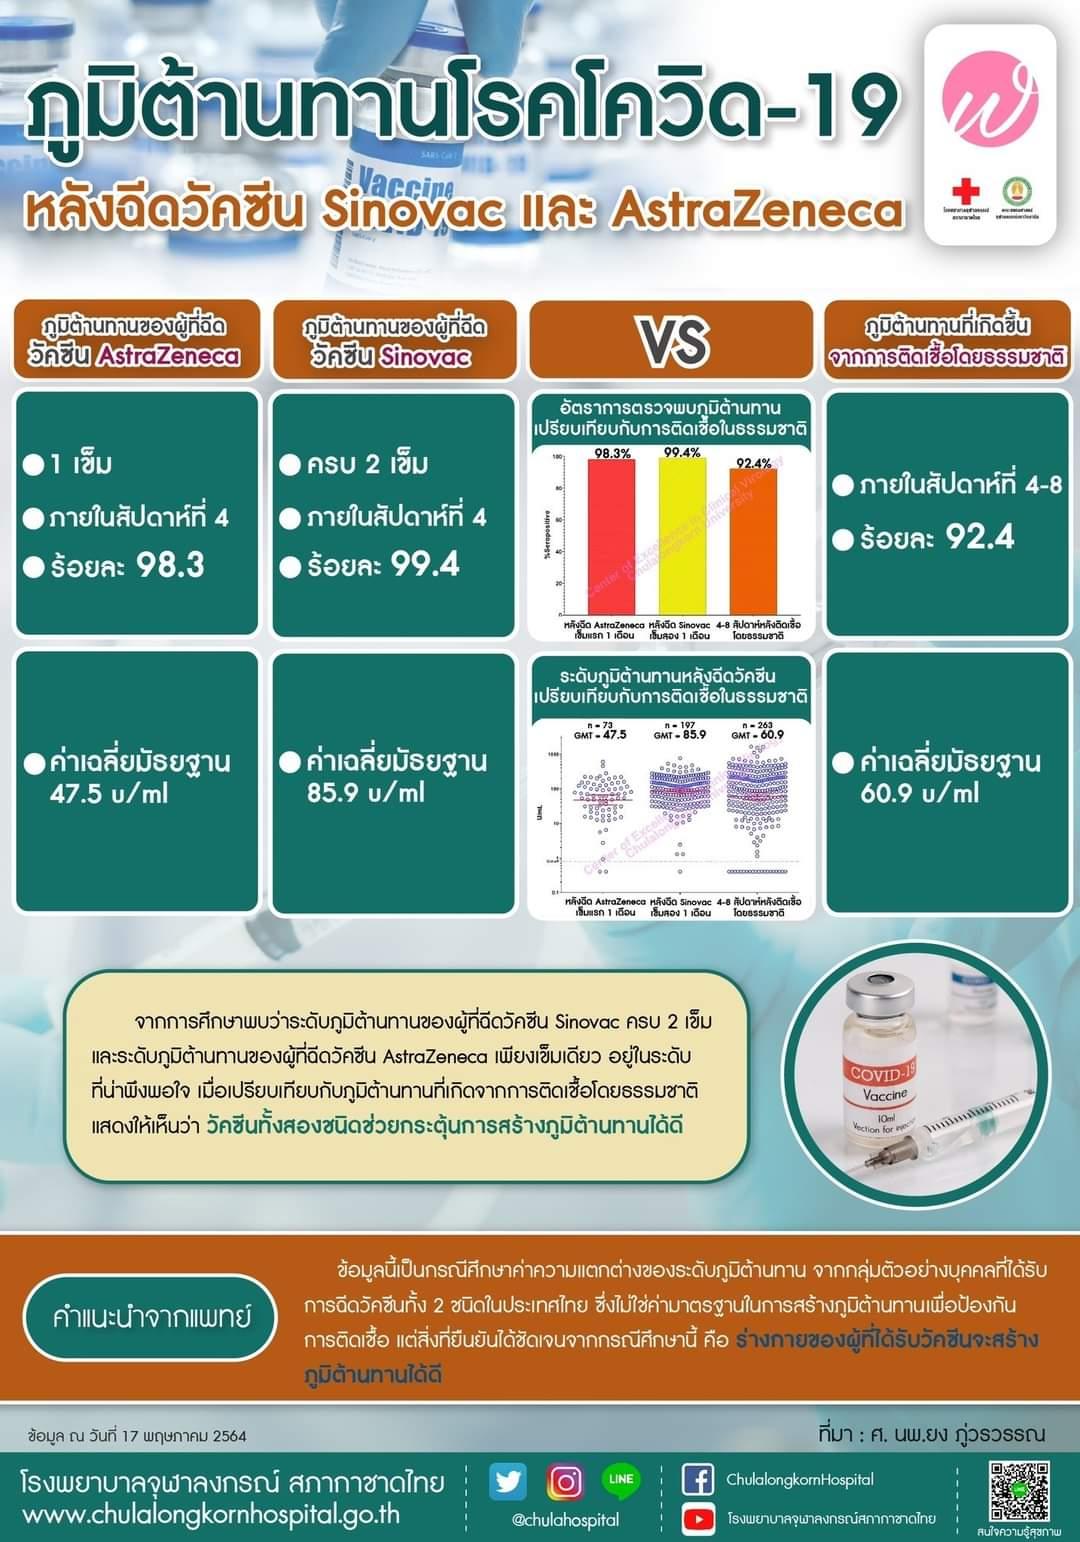 ภูมิต้านทานโรคโควิด-19 หลังฉีดวัคซีน Sinovac และ AstraZeneca